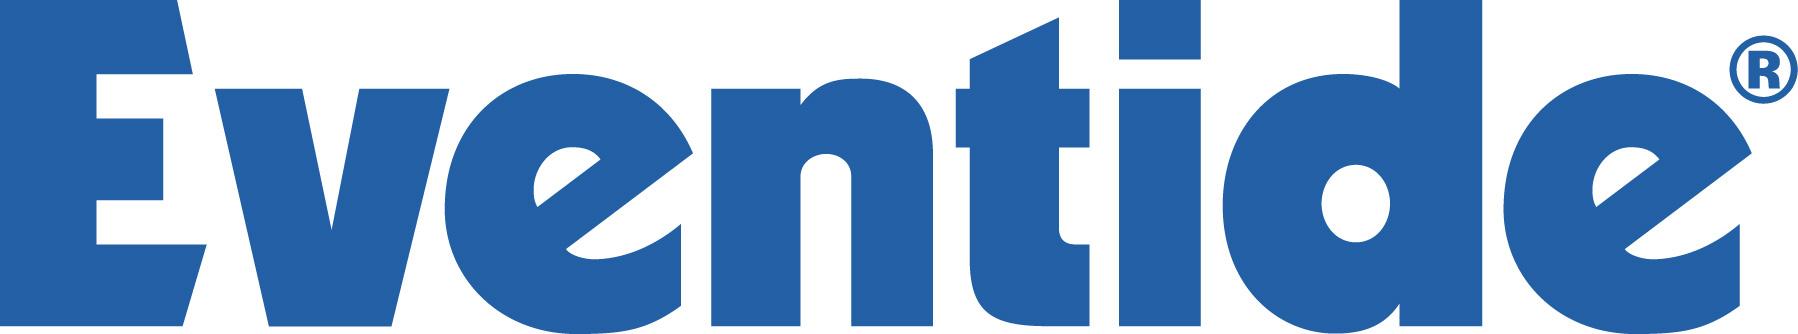 Eventide logo blue